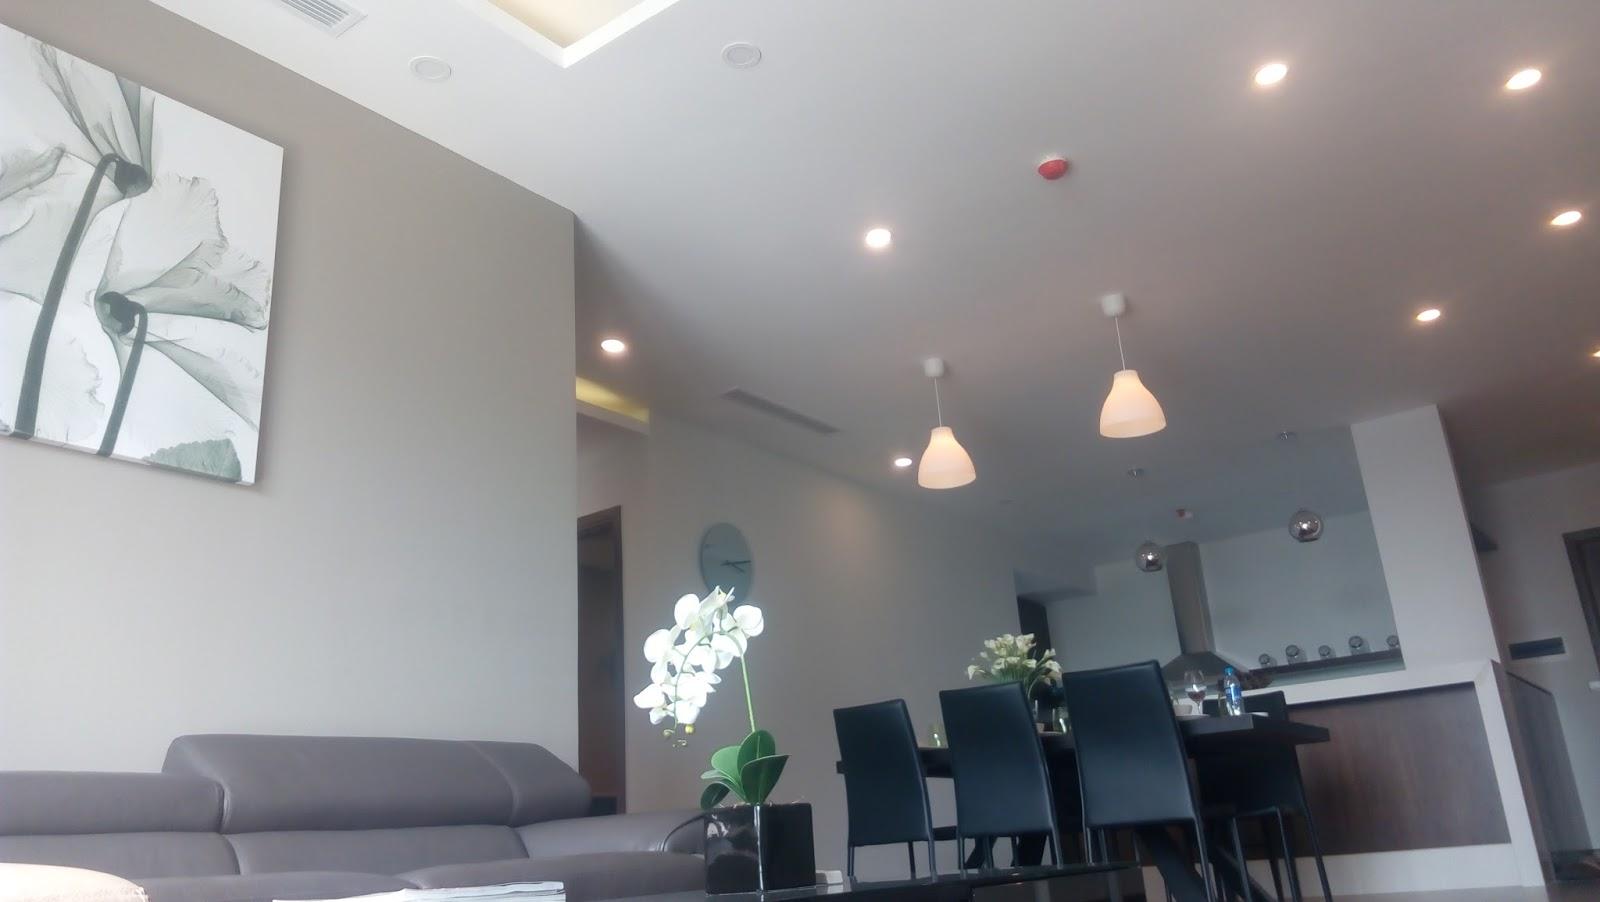 Chung cư Taseco Complex - Thiết kế căn hộ thông minh vượt trội